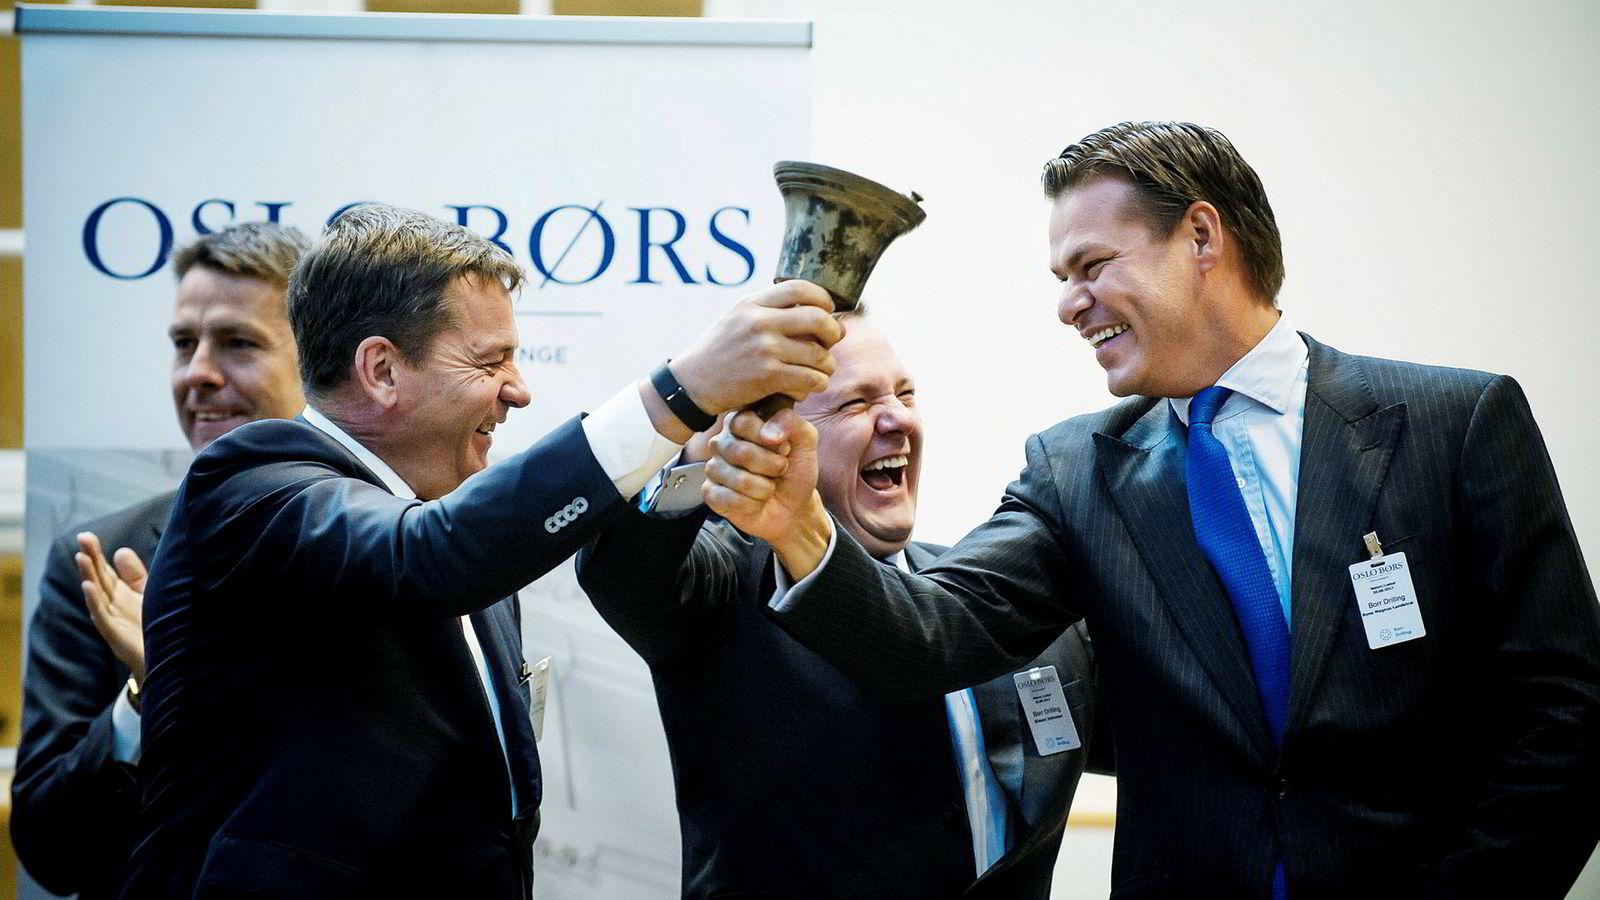 Fra bjelleseremonien da Borr Drilling gikk på børs for 12 måneder siden. Fra venstre: Bengt Neteland, Svend Anton Maier (dagens Borr-sjef), Simon Johnson (daværende toppsjef) og Rune Magnus Lundetræ.